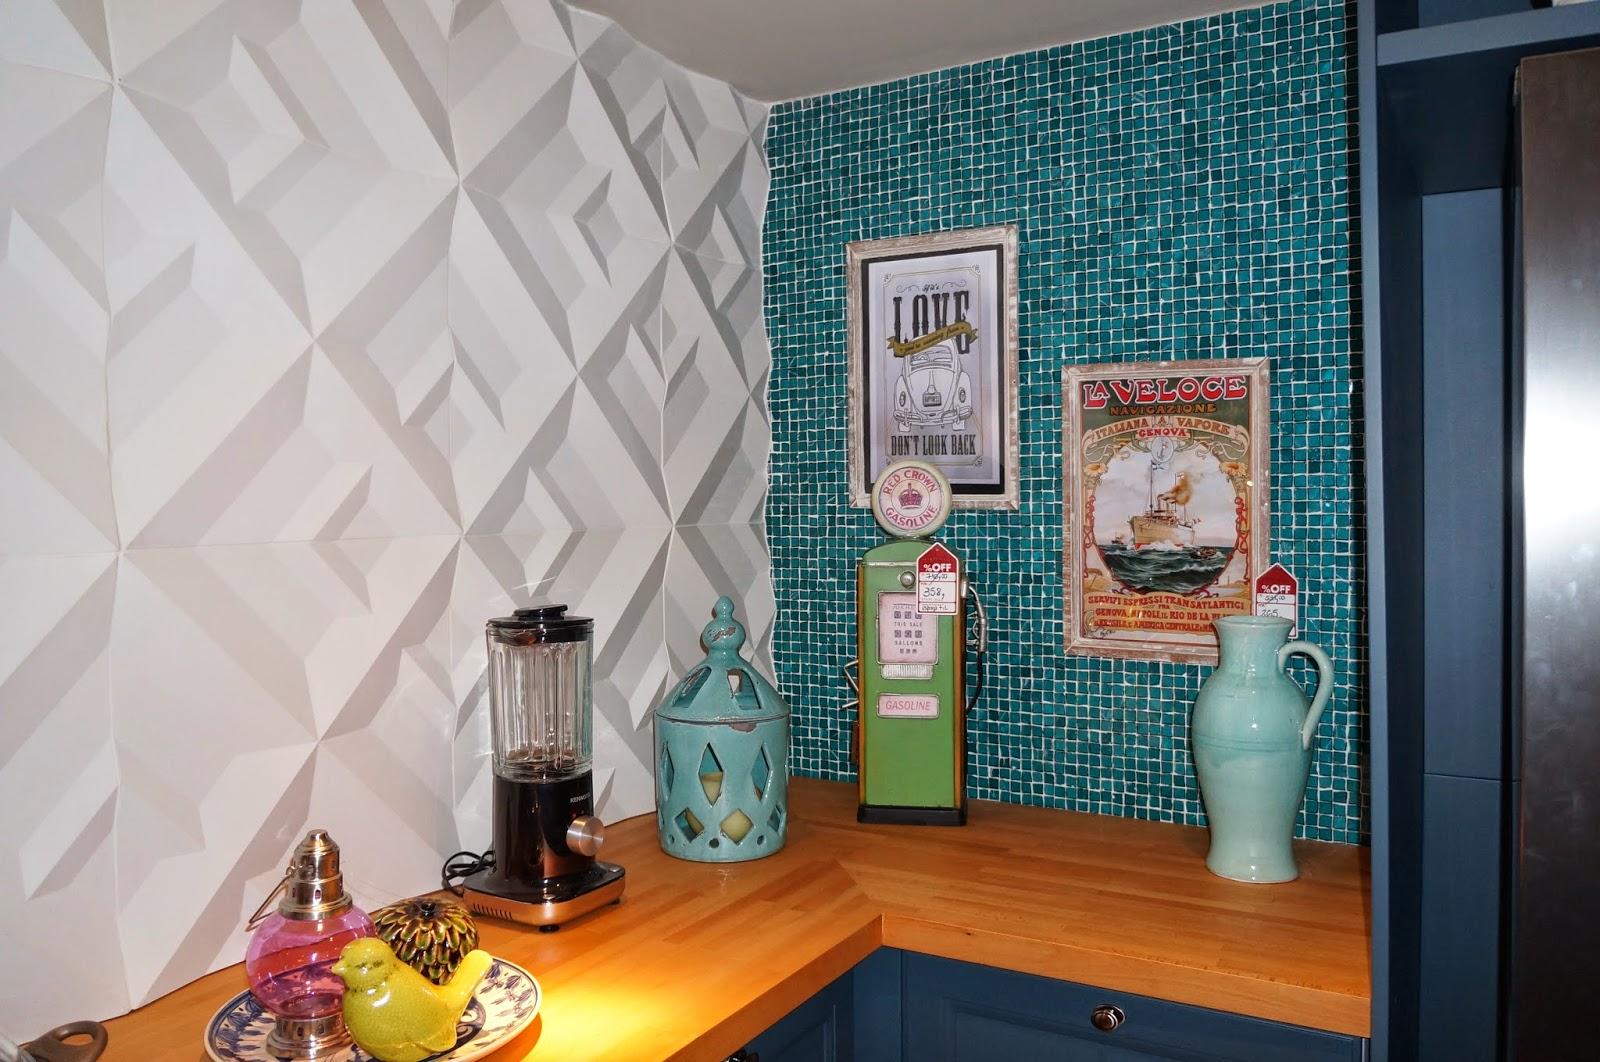 ambiente cozinha - projeto Gerson de Sá e Ana Salama  - Casa Cor SP 2014